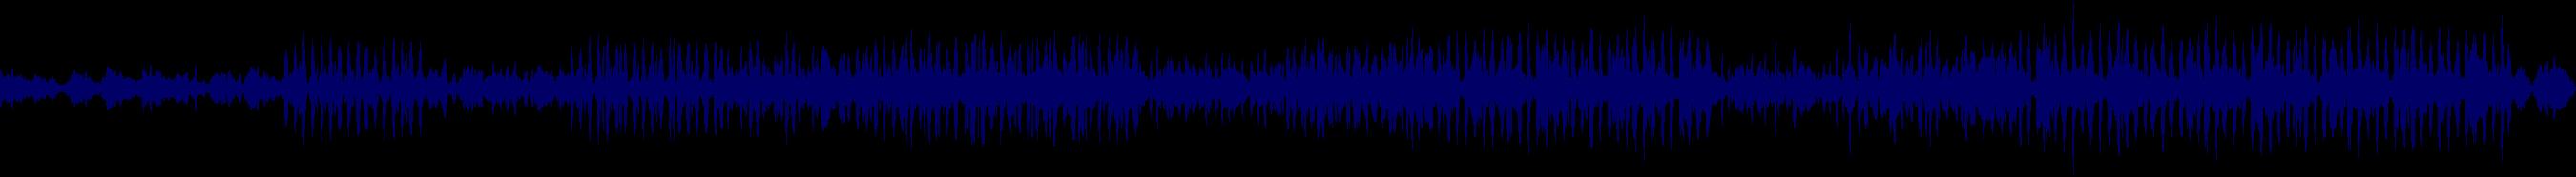 waveform of track #68215